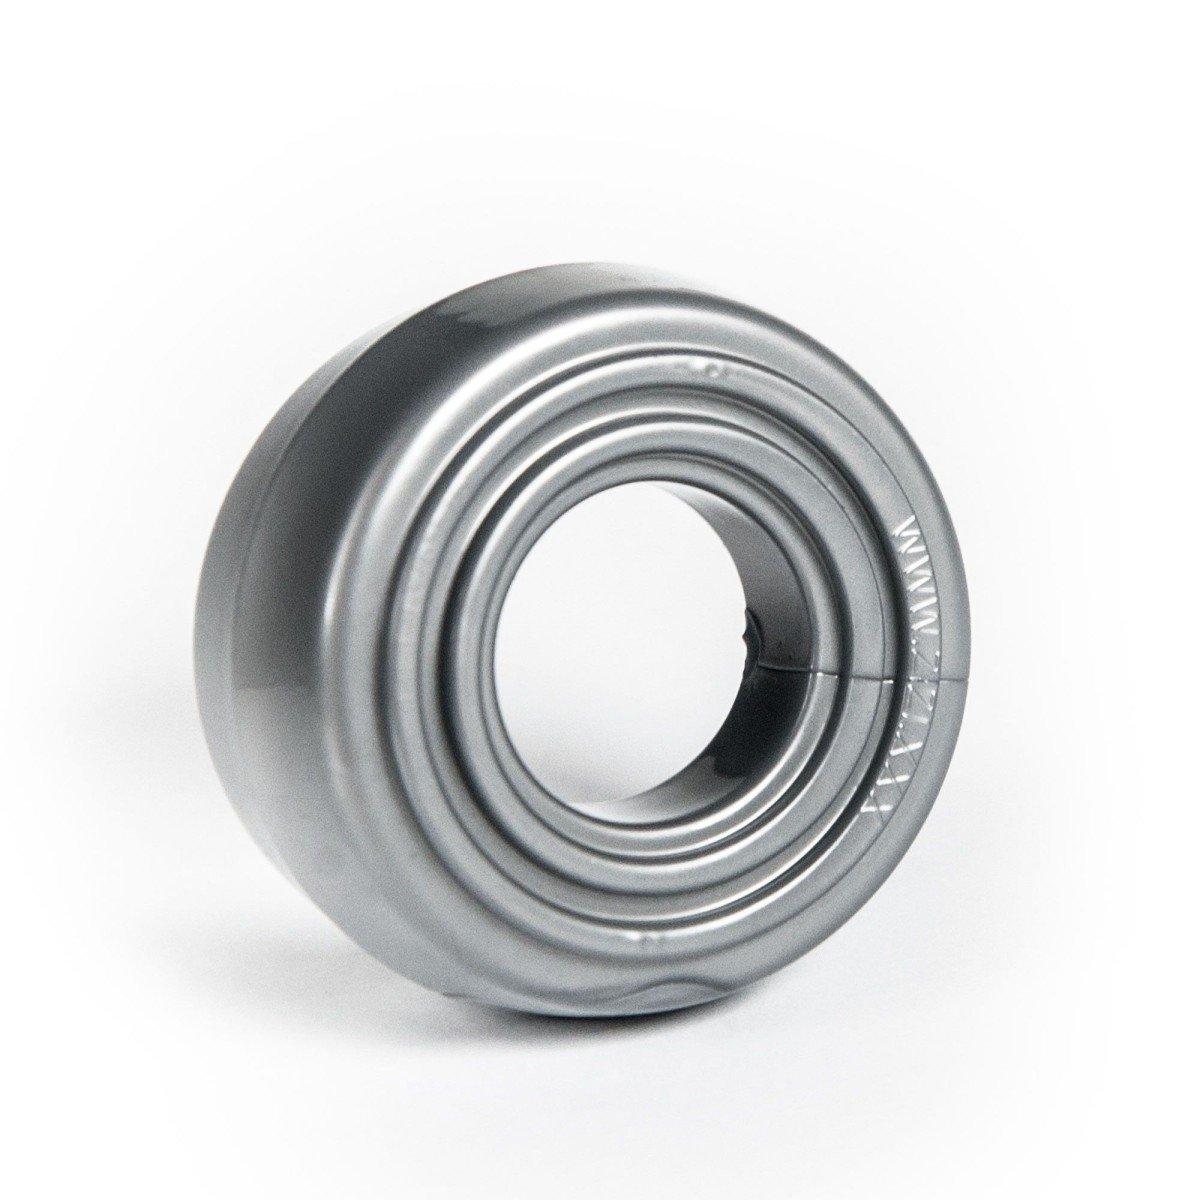 Erekční kroužek Zizi Accelerator stříbrný